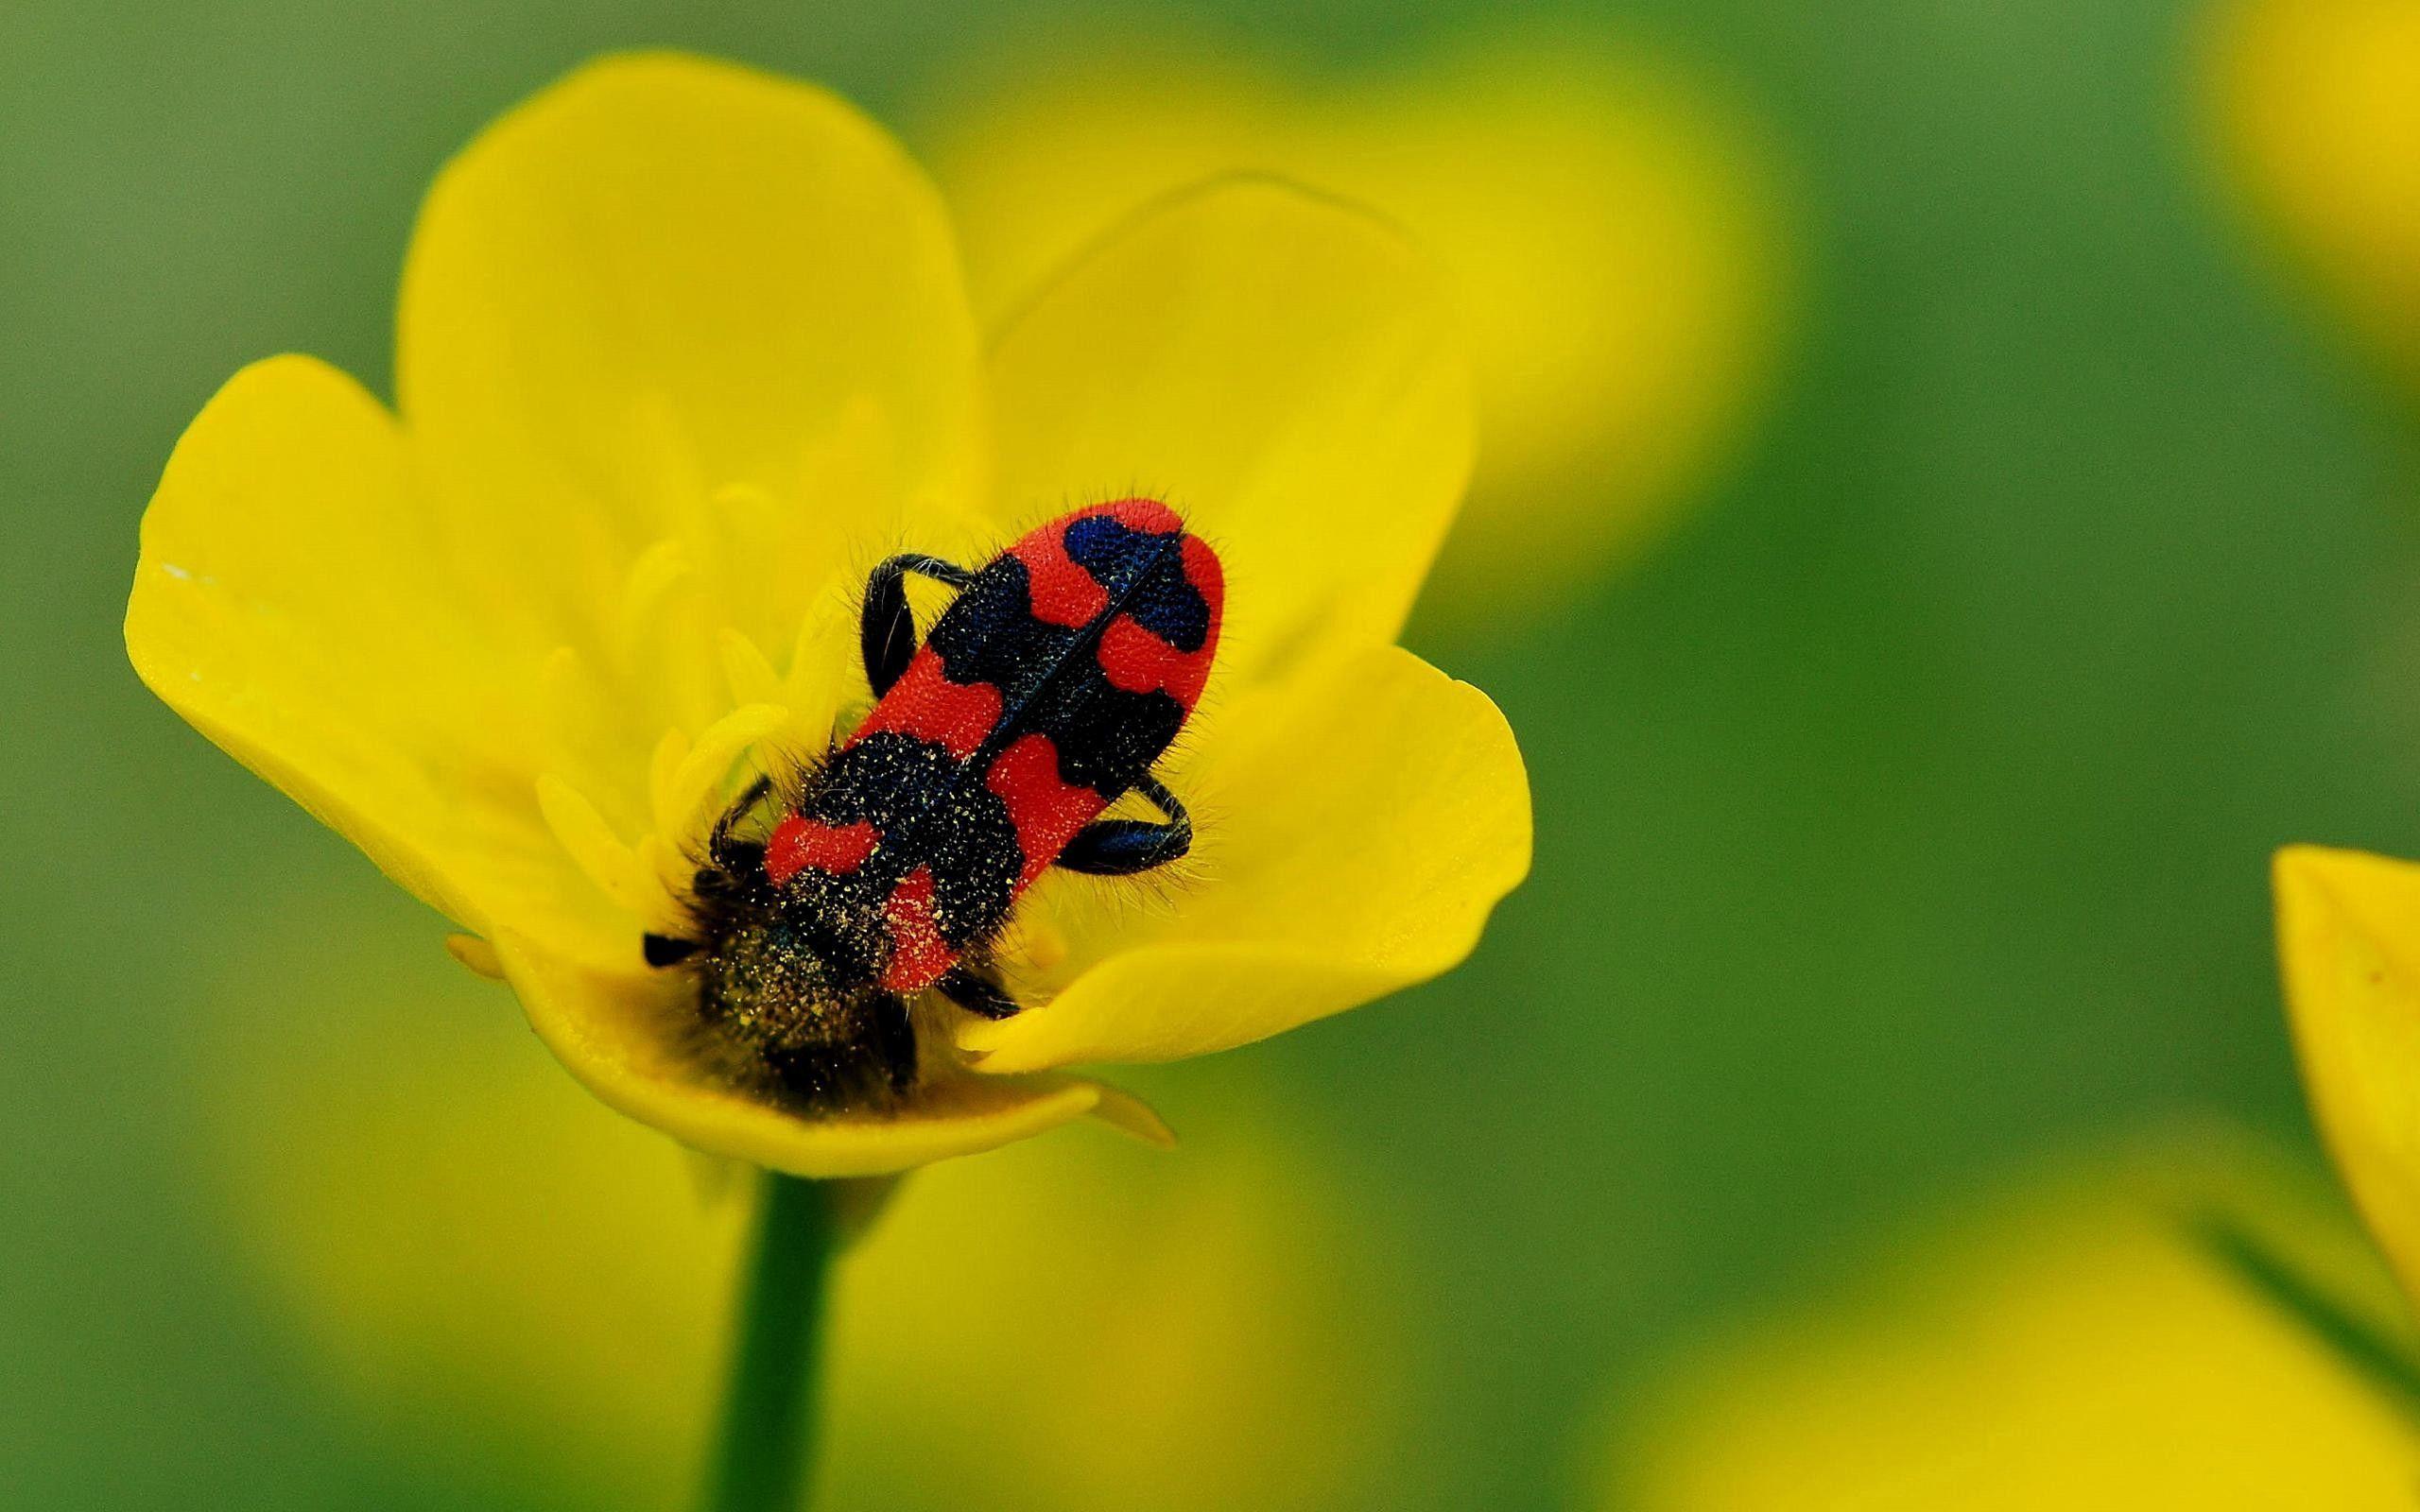 71388 Salvapantallas y fondos de pantalla Insectos en tu teléfono. Descarga imágenes de Macro, Insectos, Pétalos, Flor gratis